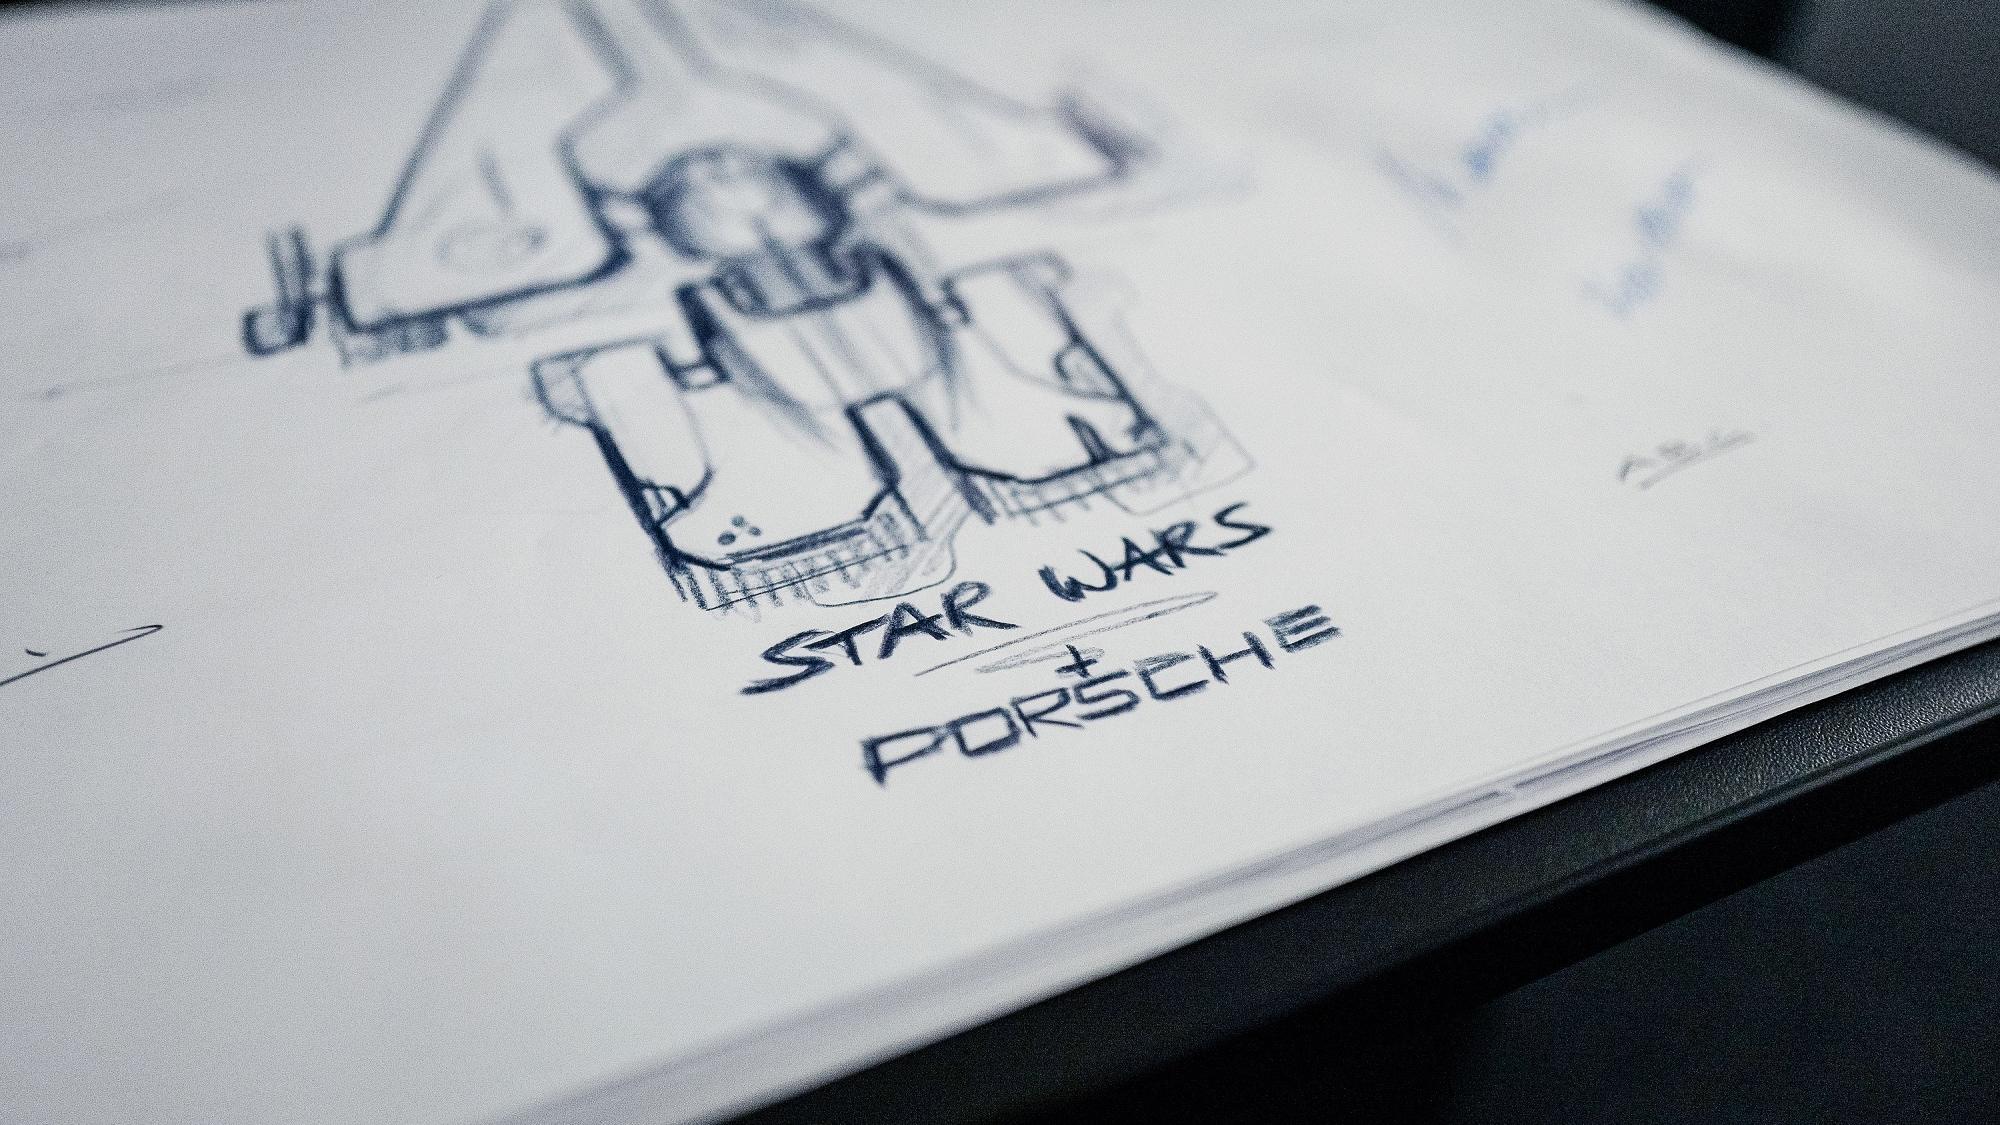 Ab in den Weltraum: Porsche und Lucasfilm entwerfen gemeinsam ein Fantasie-Raumschiff